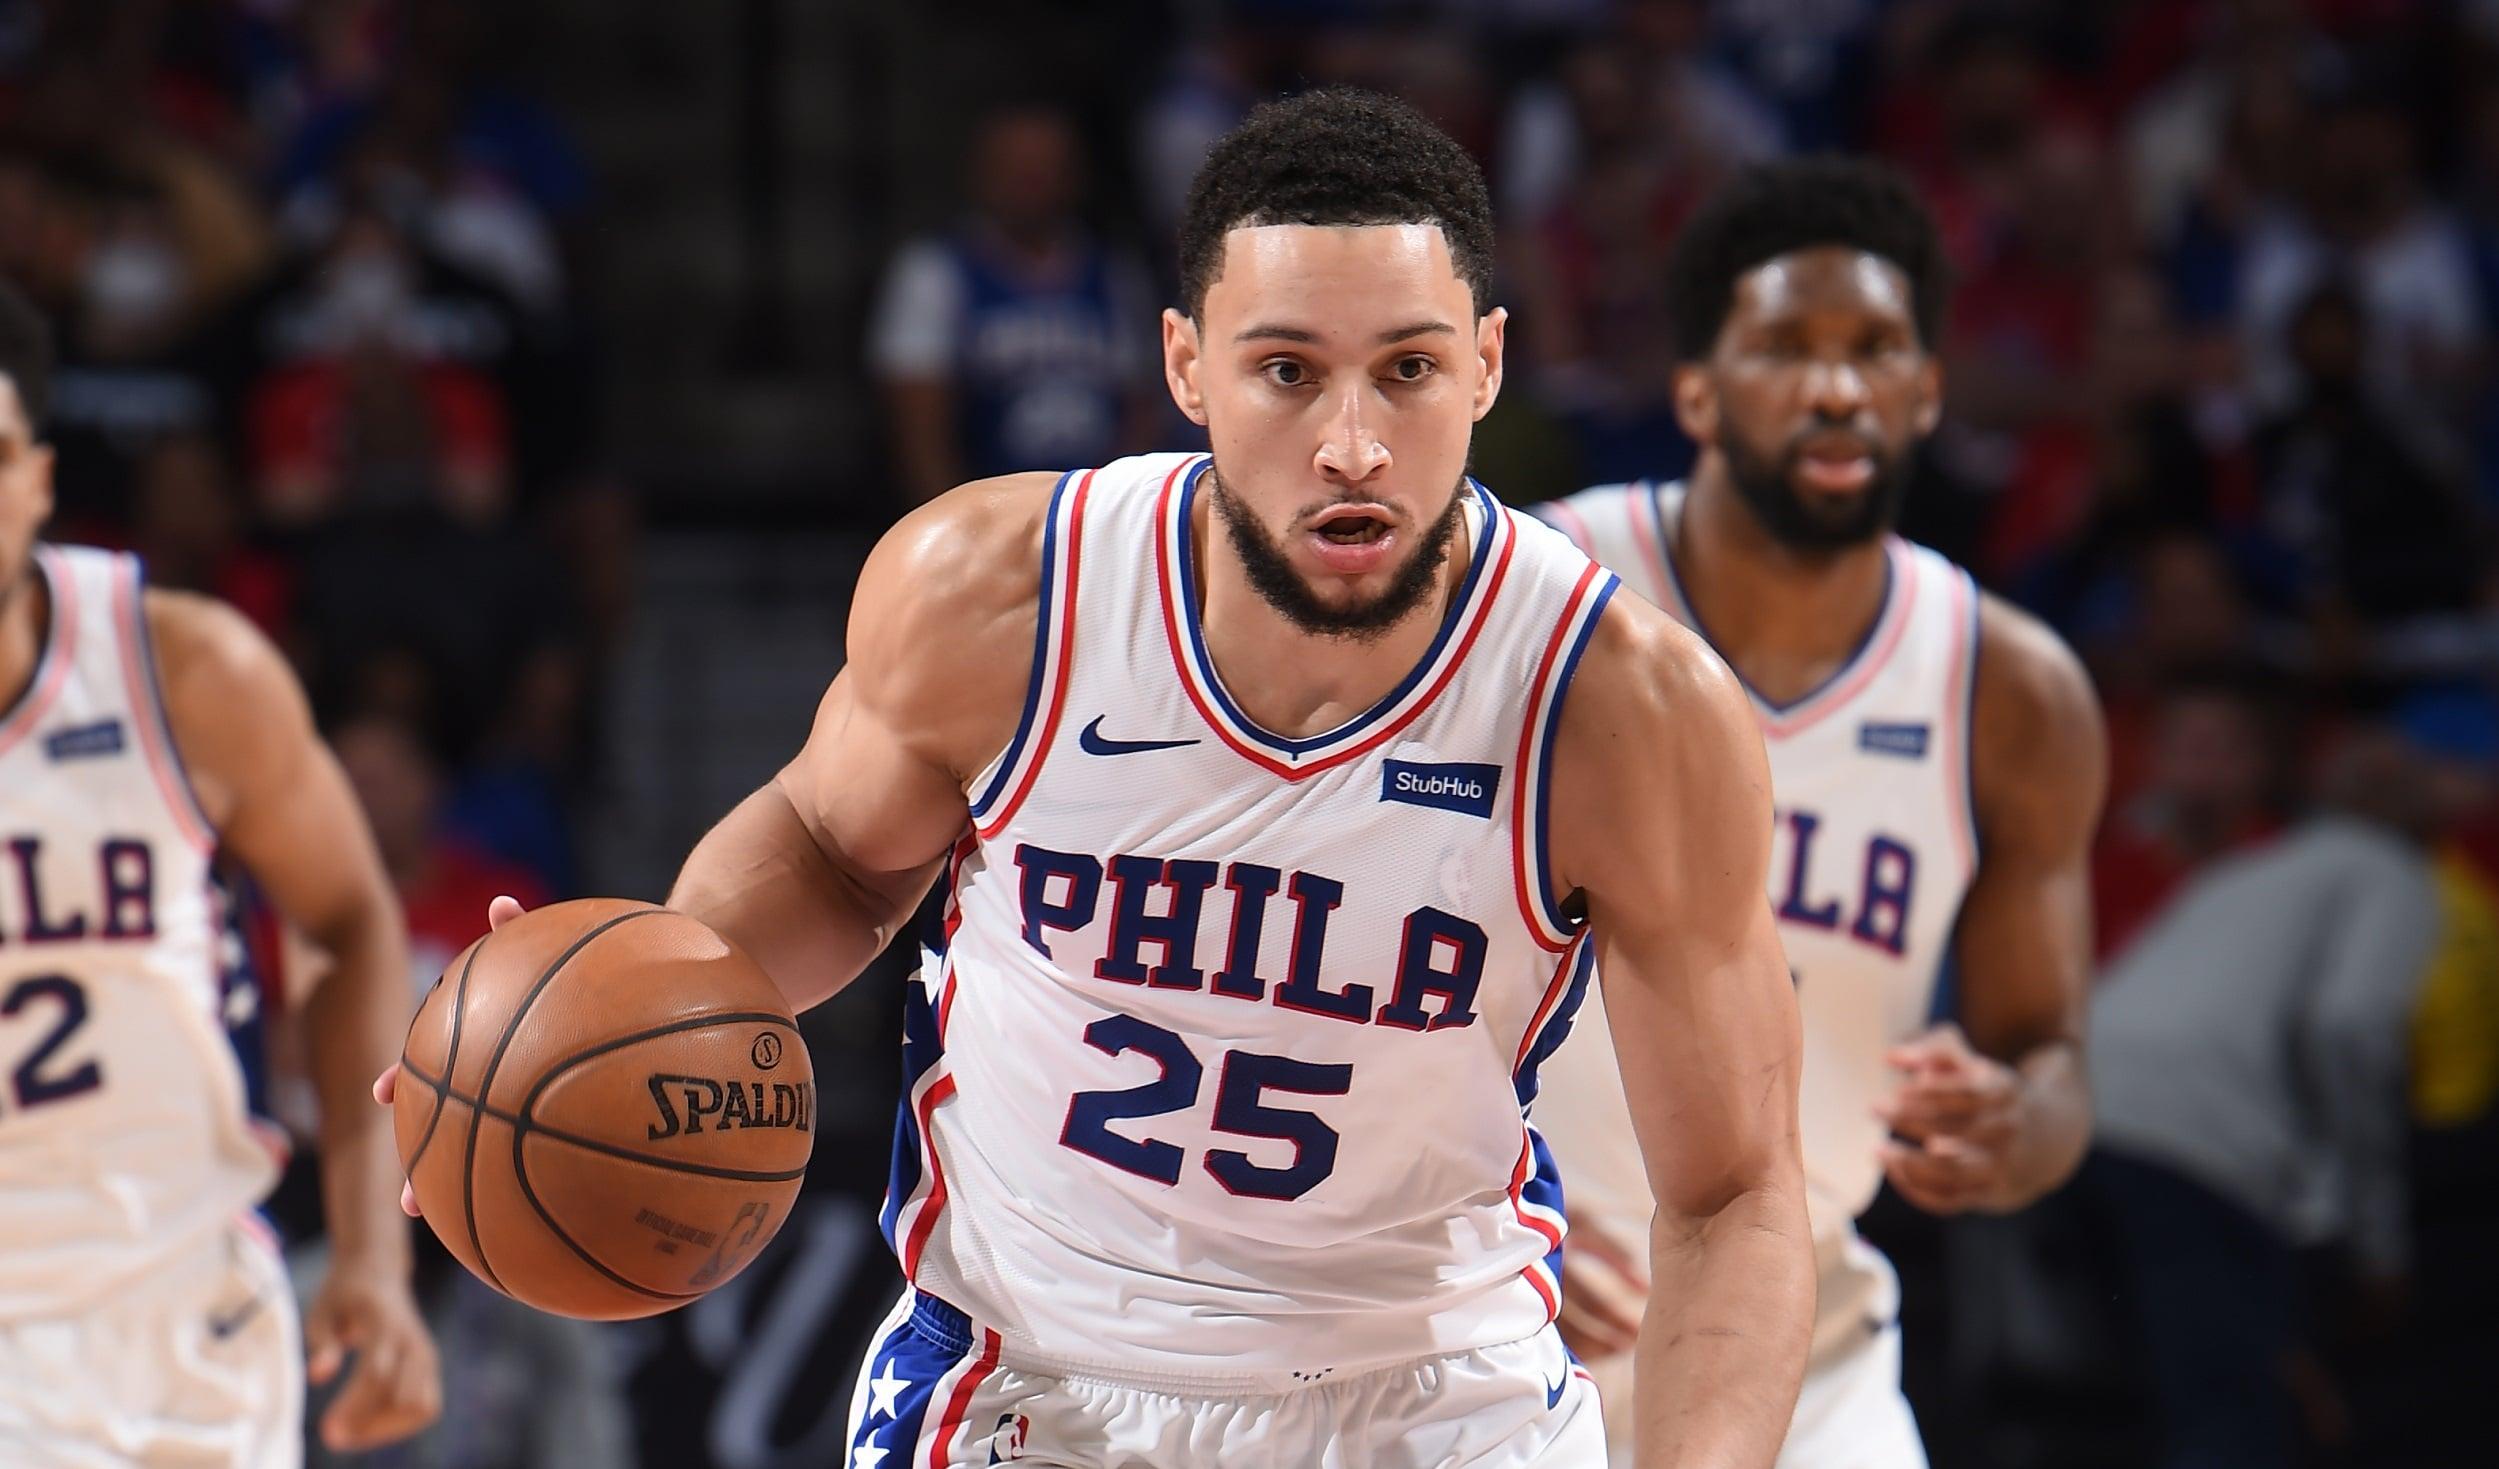 Simmons' future in Philadelphia still uncertain